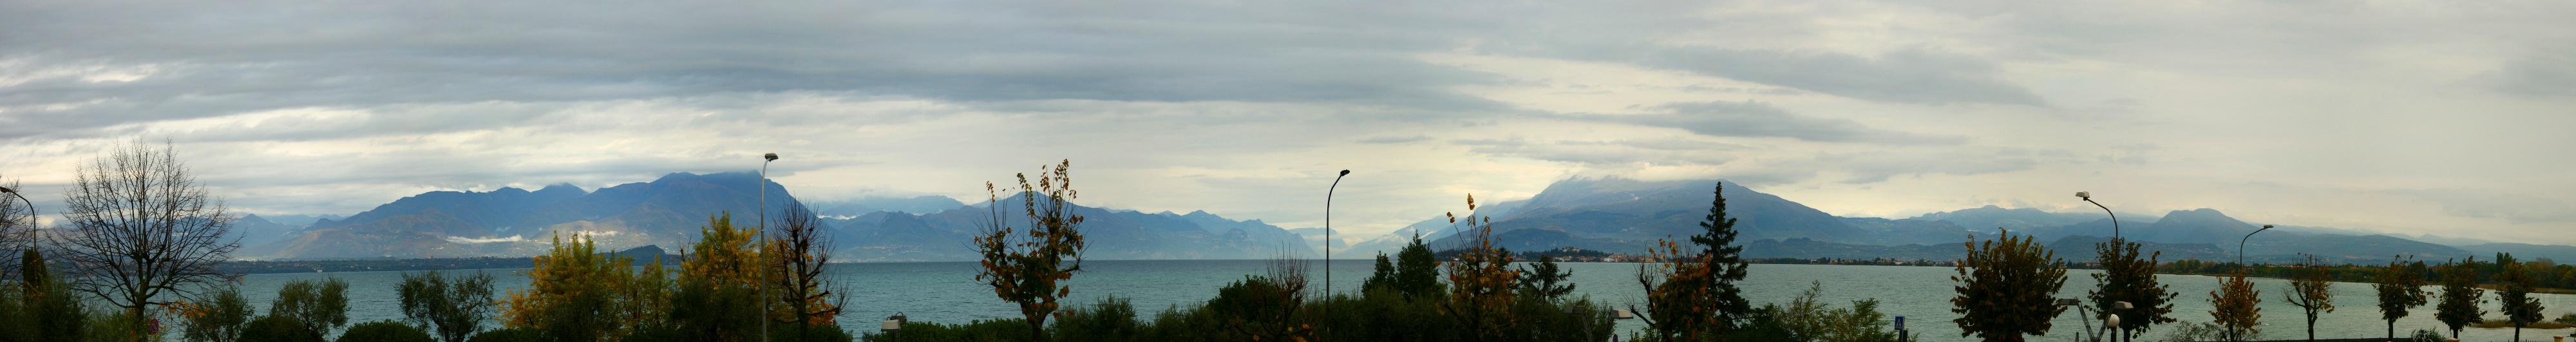 Desenzano - Lago di Garda